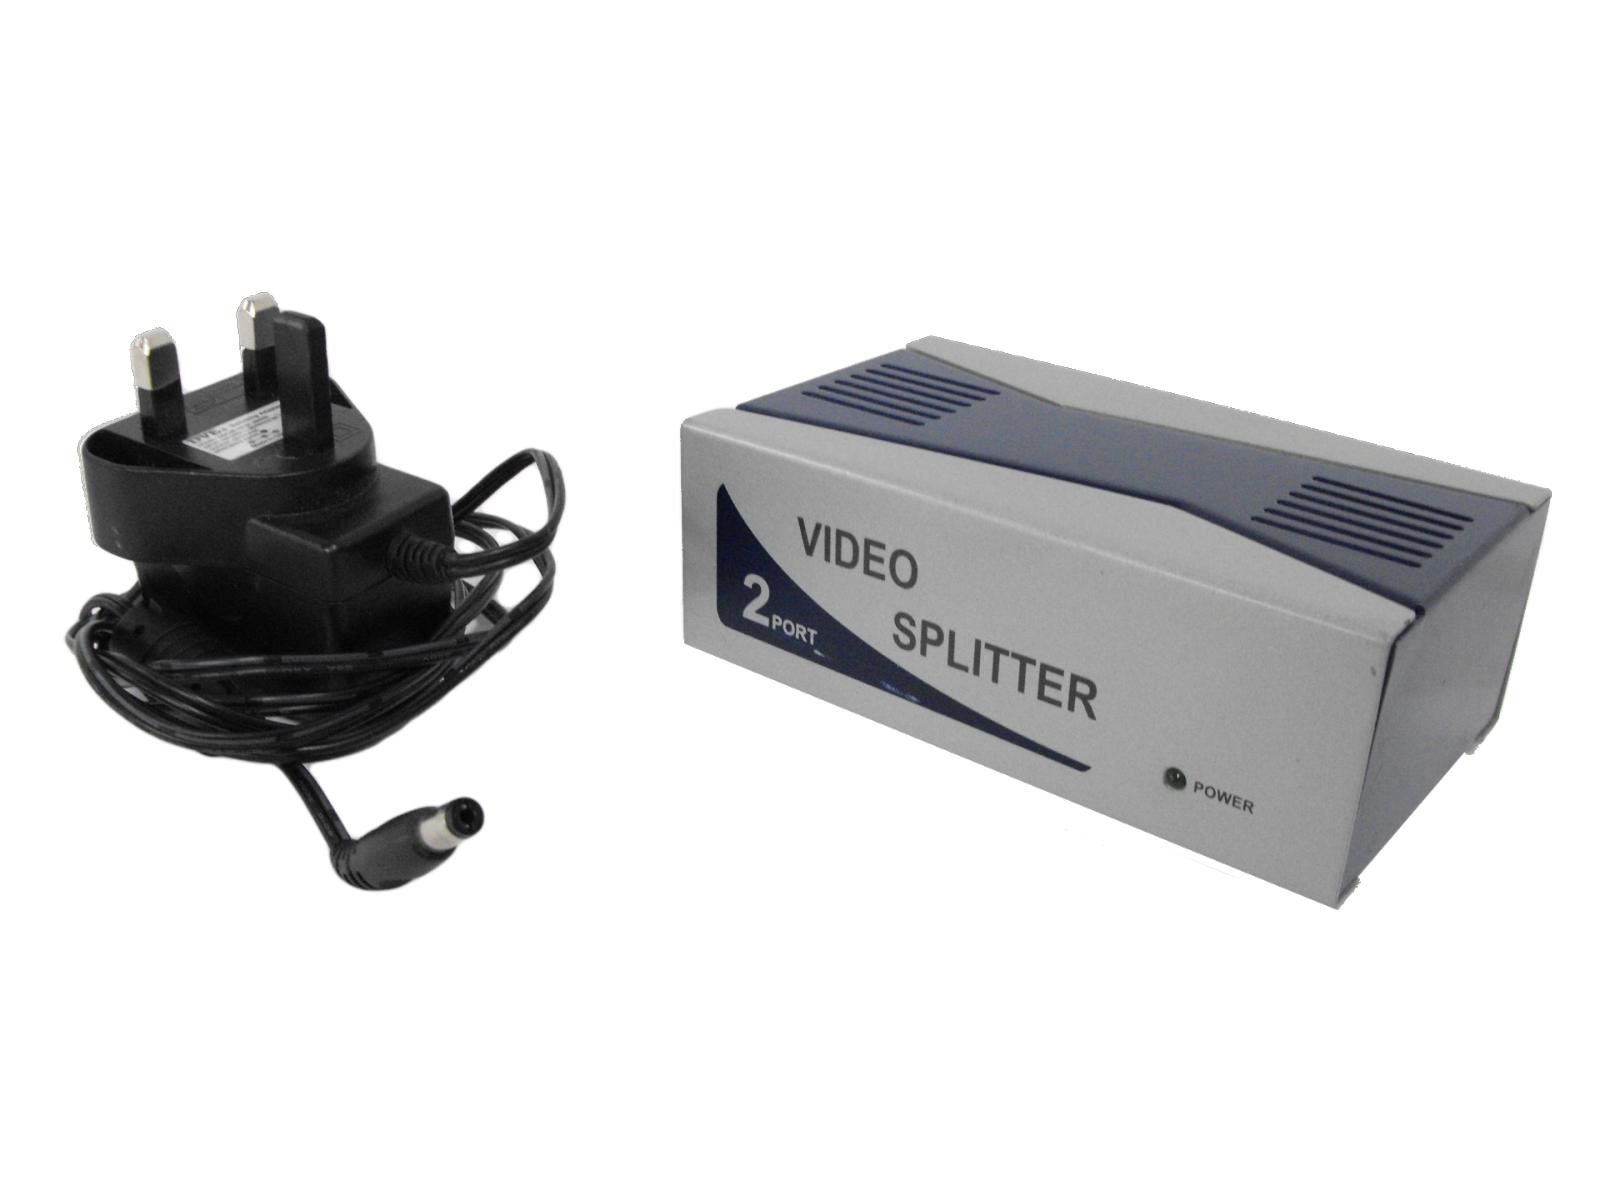 Videk Video Splitter - 2 Port - 250/350MHz